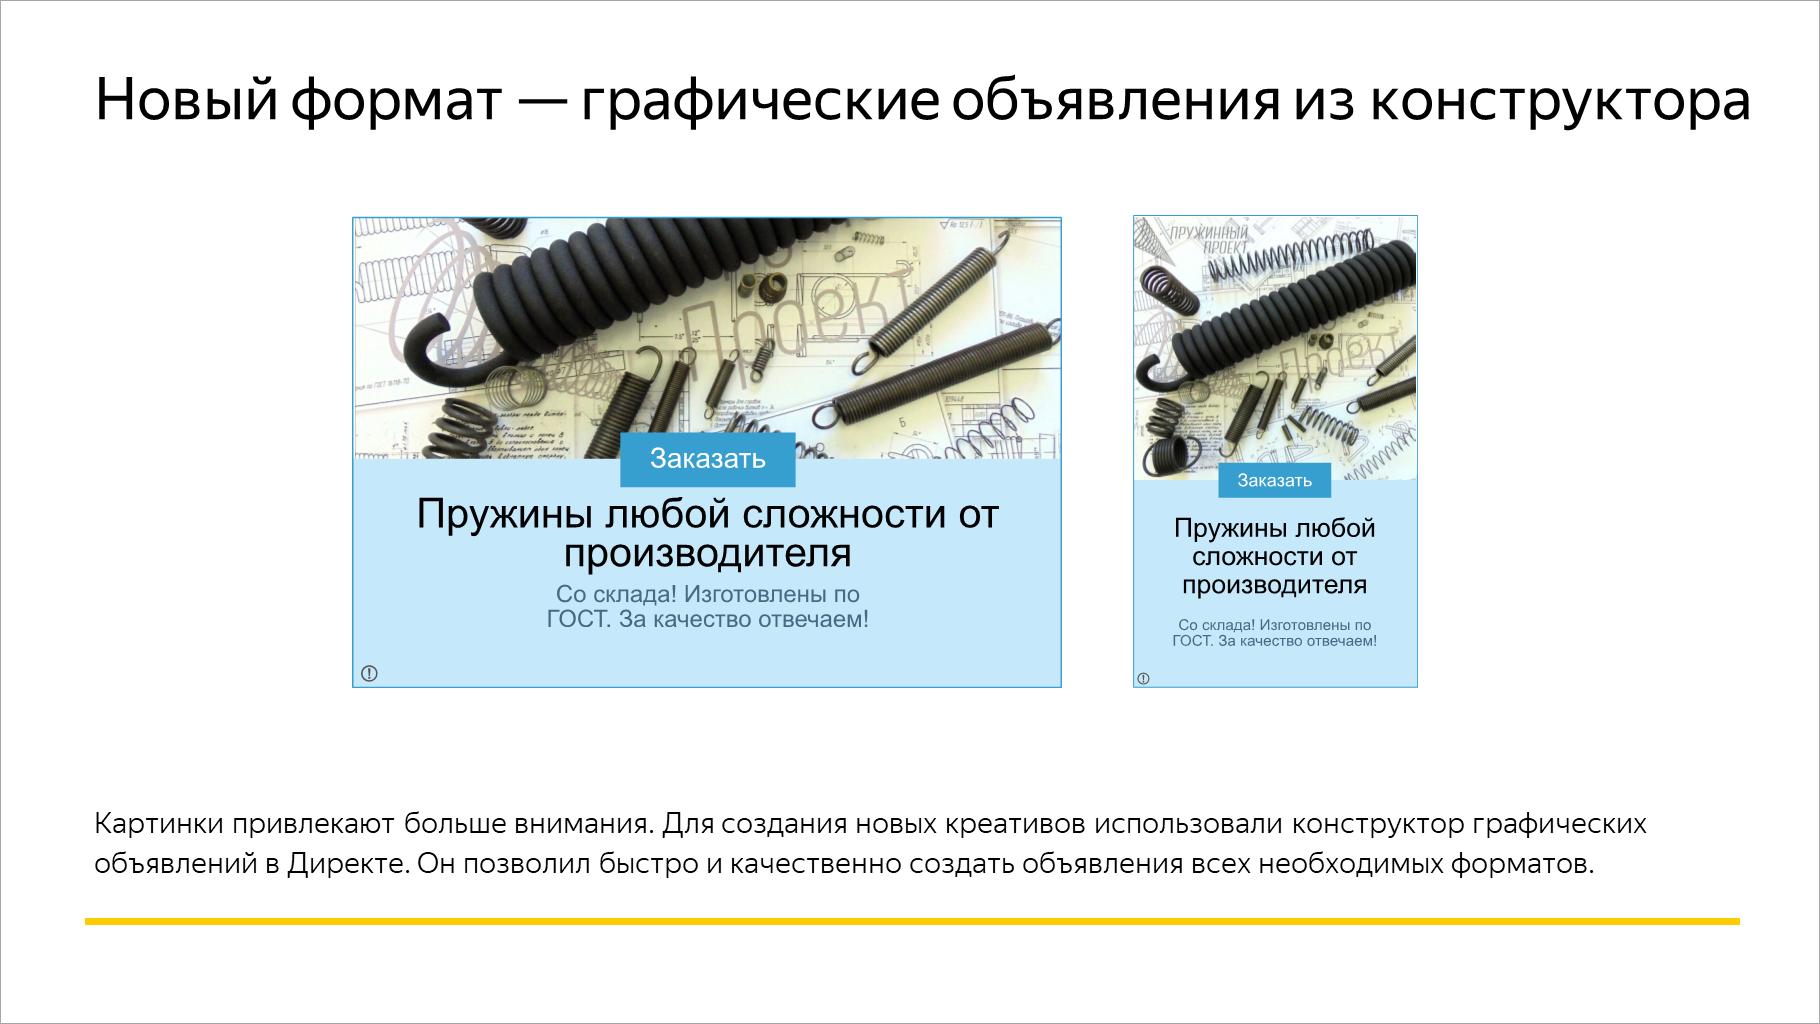 Новый формат — графические объявления из конструктора